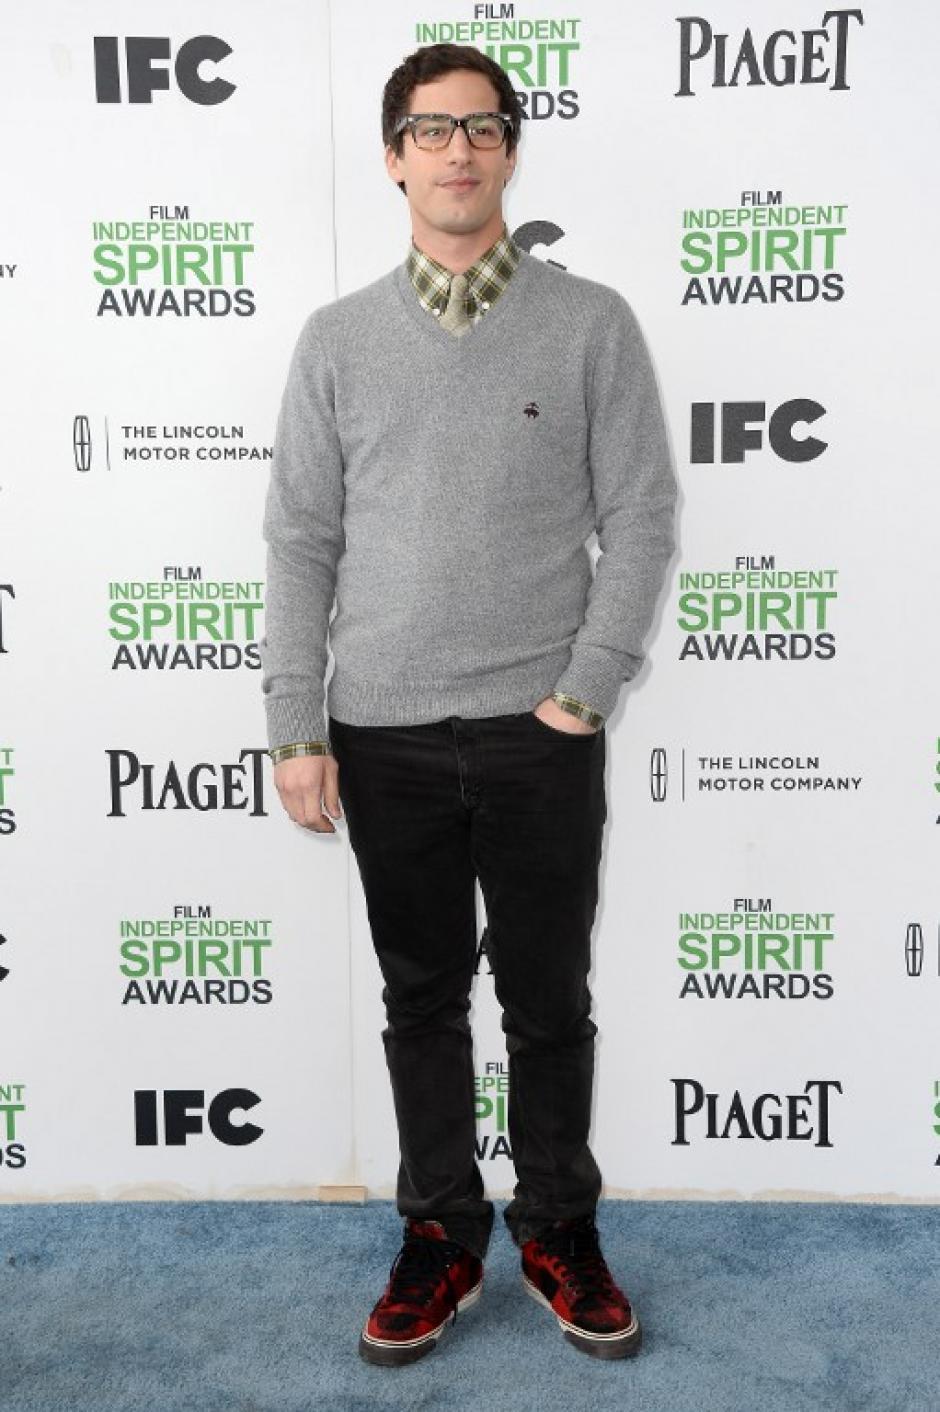 El comediante Andy Samberg sorprendió en los Spirit Awards con su look de nerds, se le recuerda por haber dado vida con su voz al personaje de Drácula en la pelicula Hotel Transylvania. (Foto:AFP)